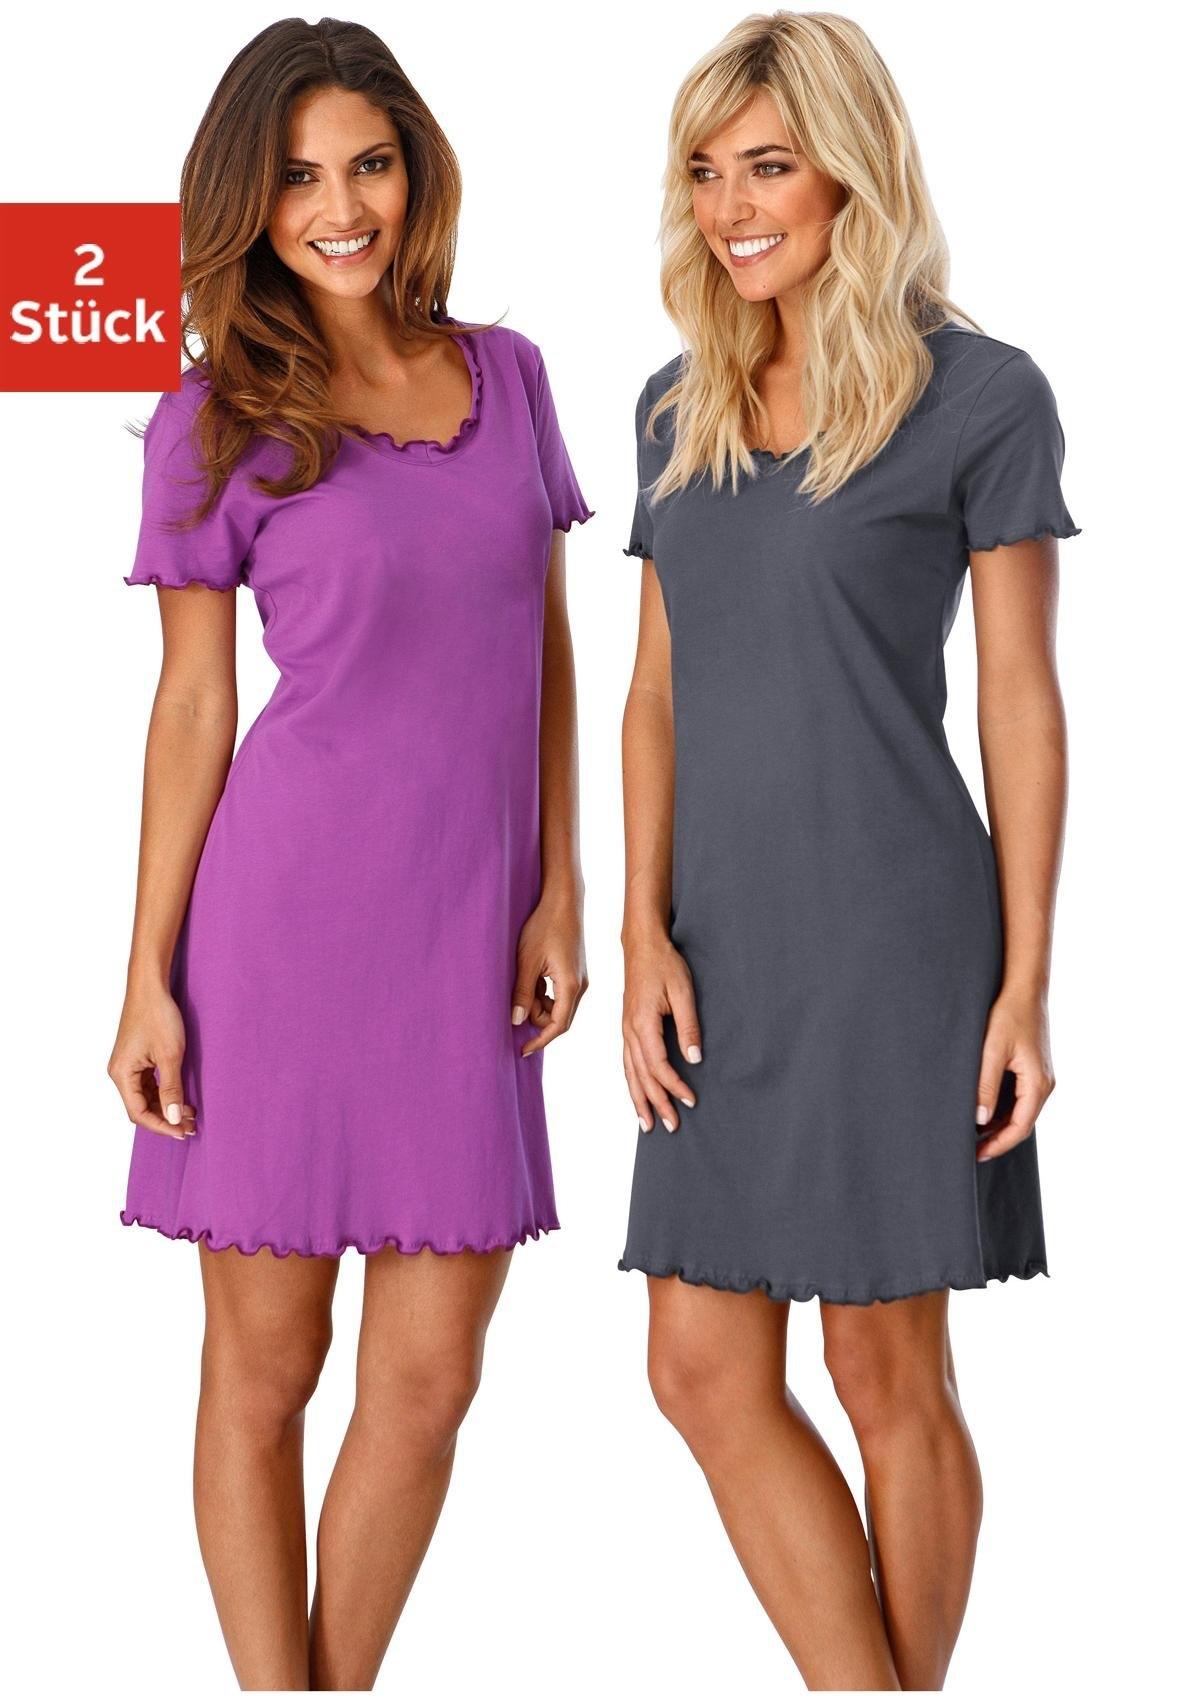 vivance collection nachthemd bestellen: 30 dagen bedenktijd